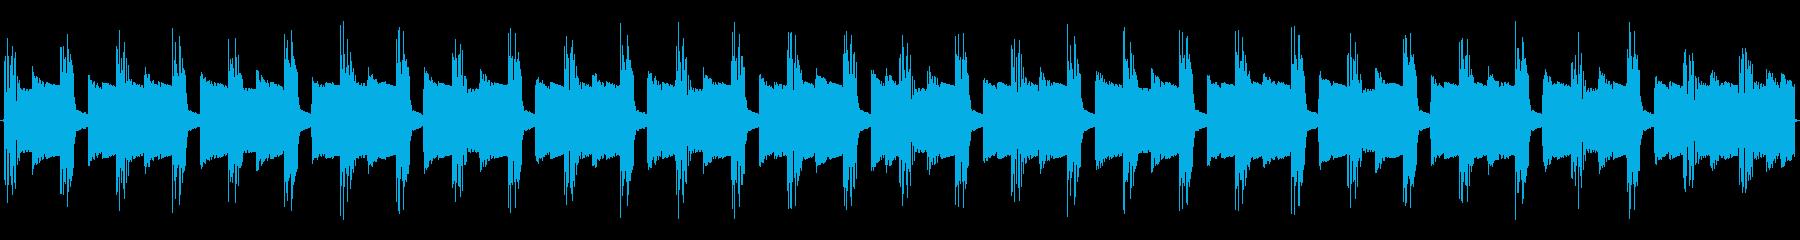 チップチューンの痛快な短いループ2の再生済みの波形